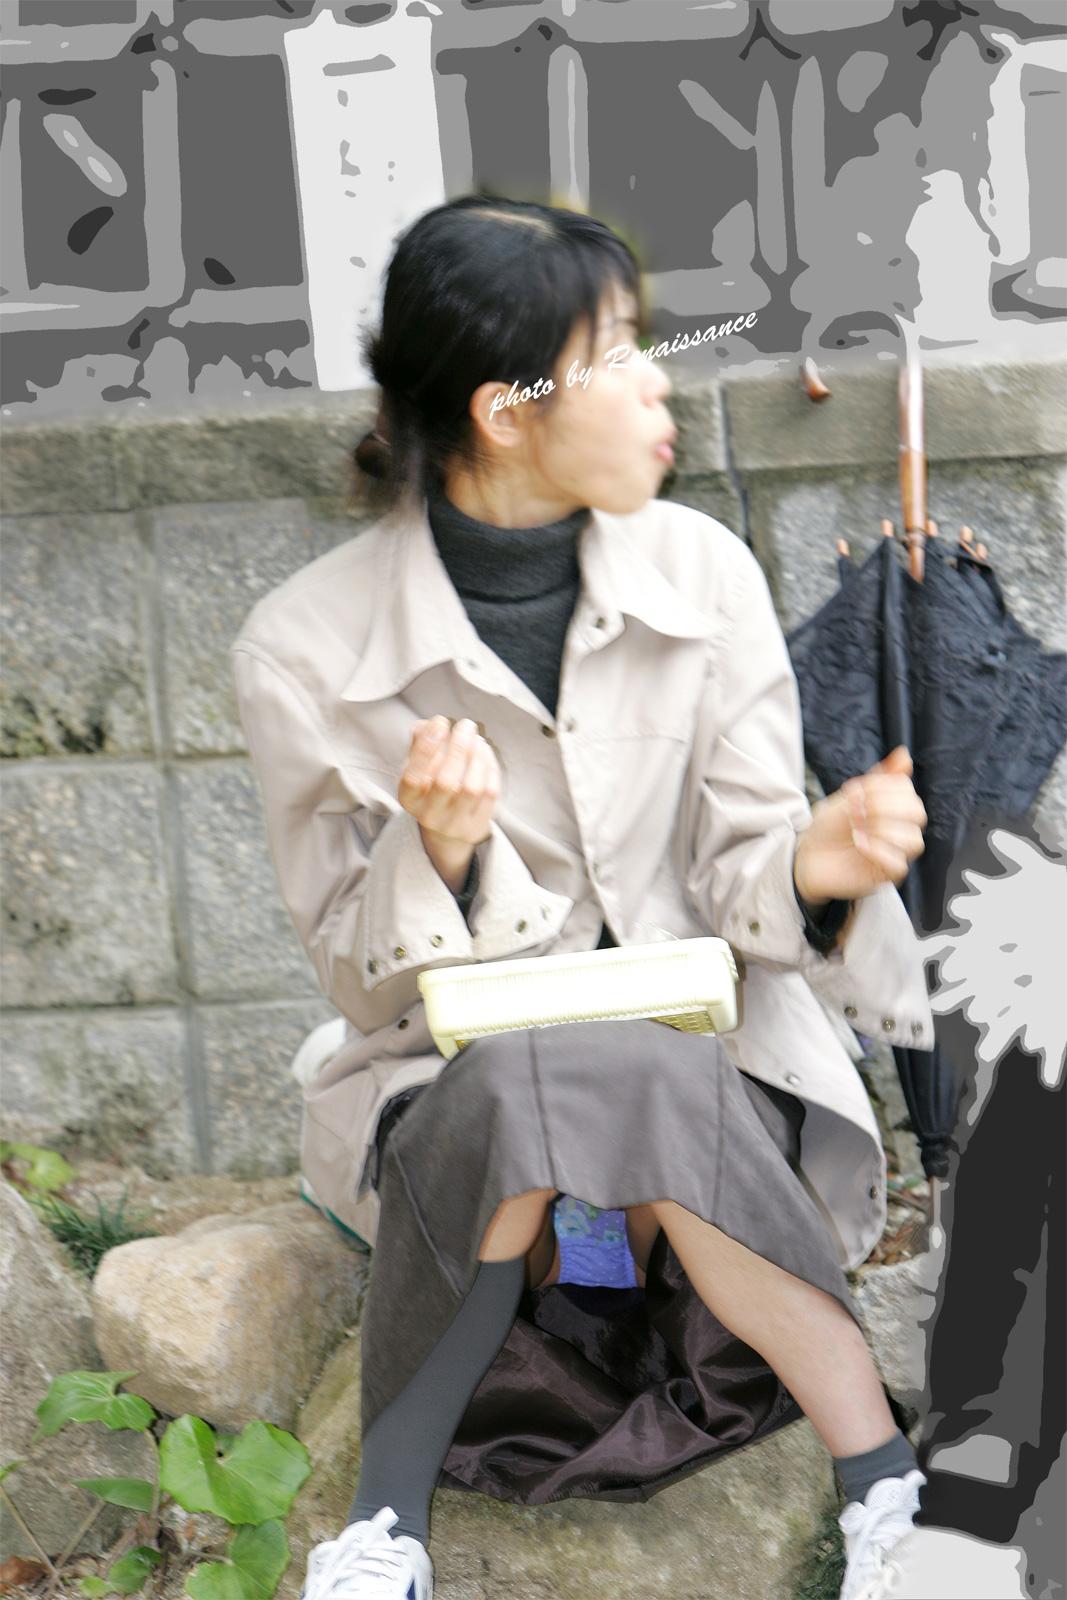 【パンチラエロ画像】膨らみ具合まで見せて!覗くのも容易な座りチラ女子(*´д`*)